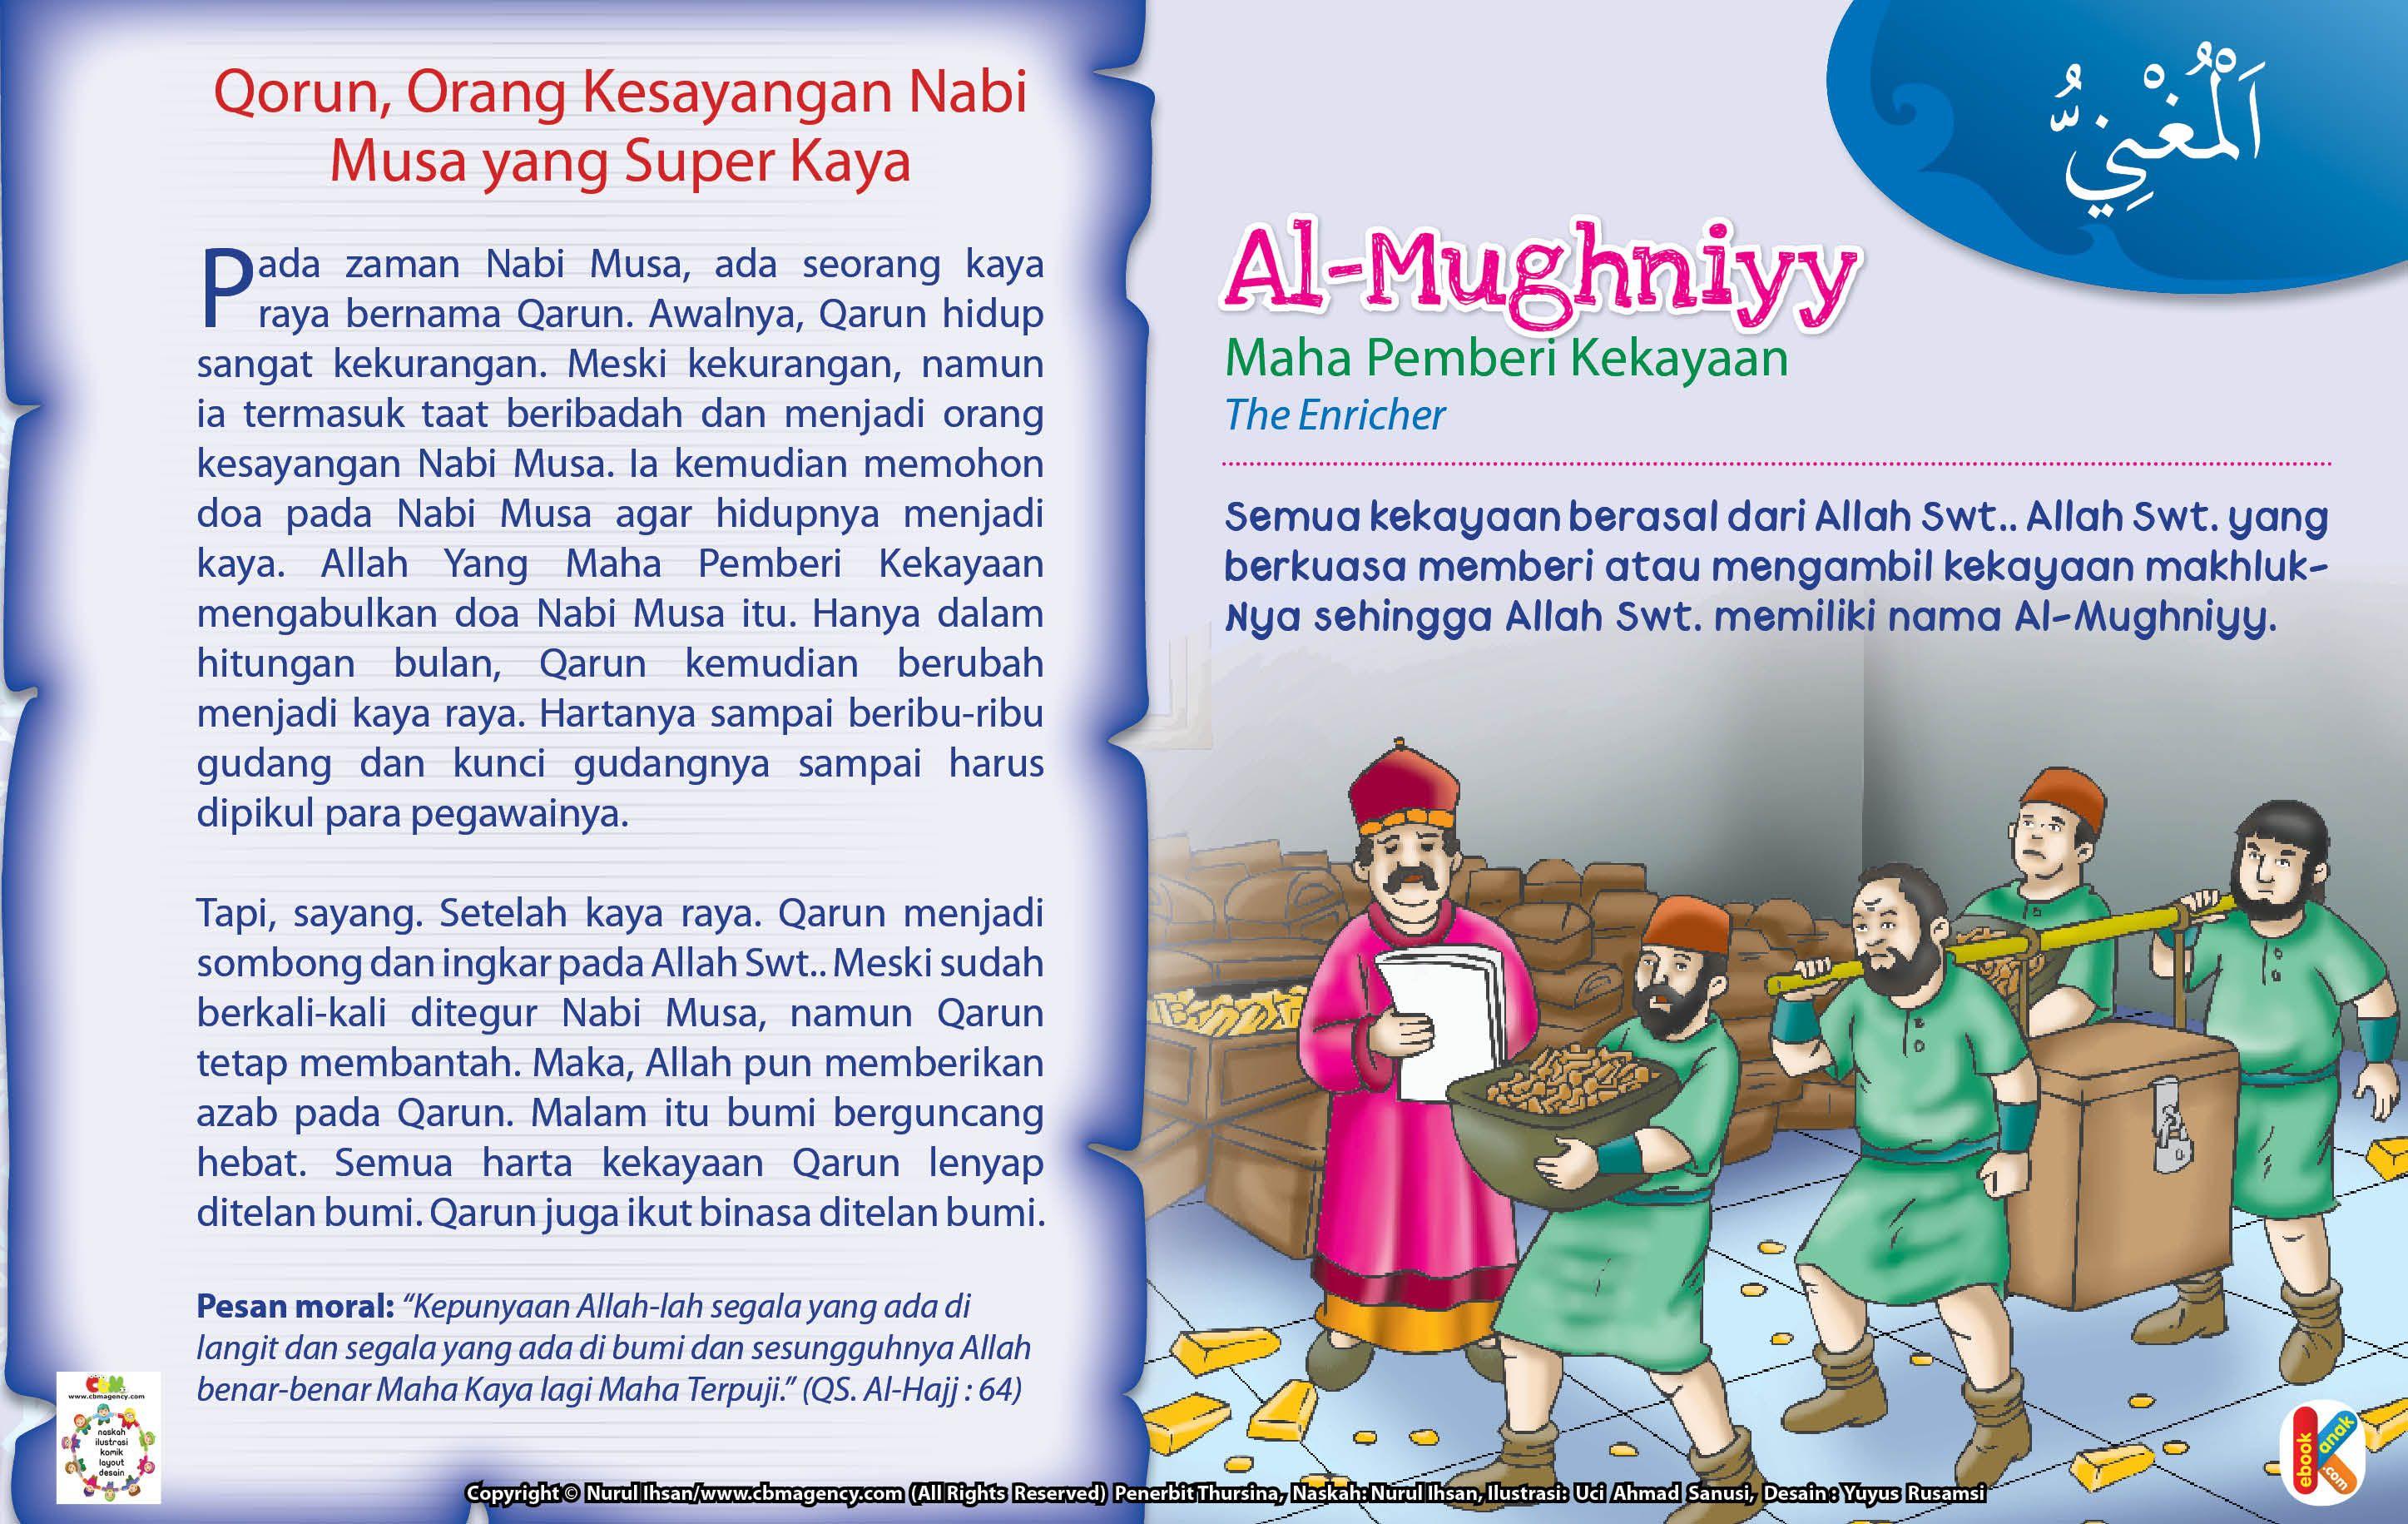 Kisah Asma'ul Husna AlMughniyy Ebook Anak (Dengan